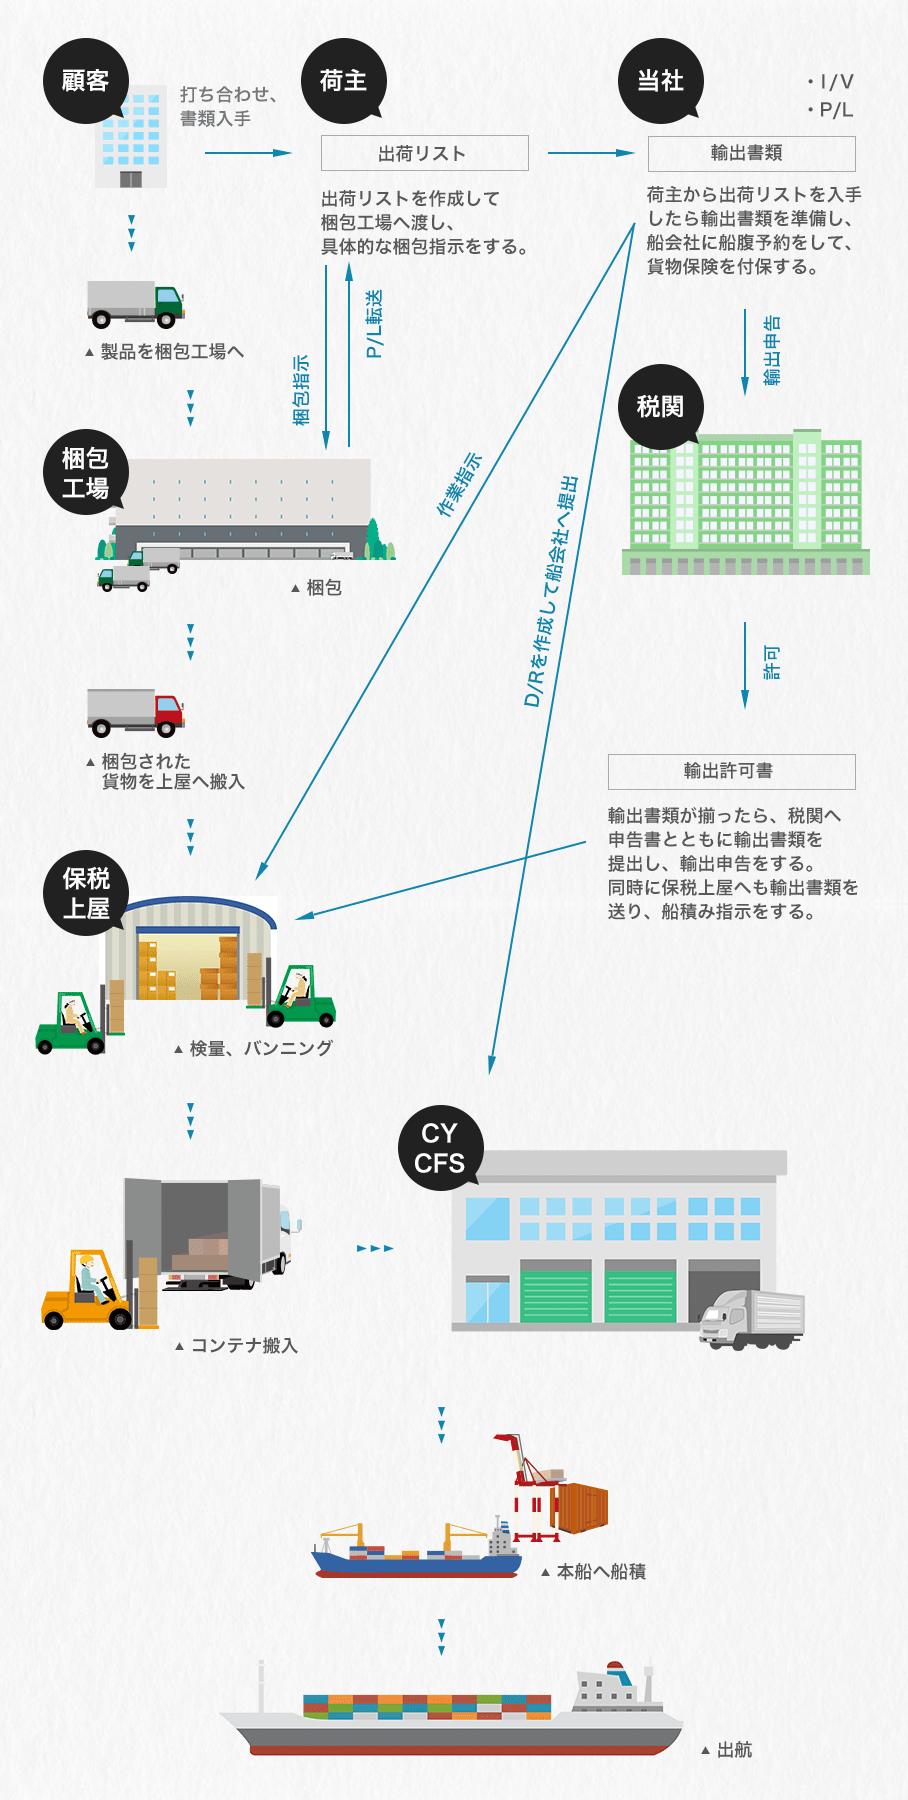 輸出業務の流れ